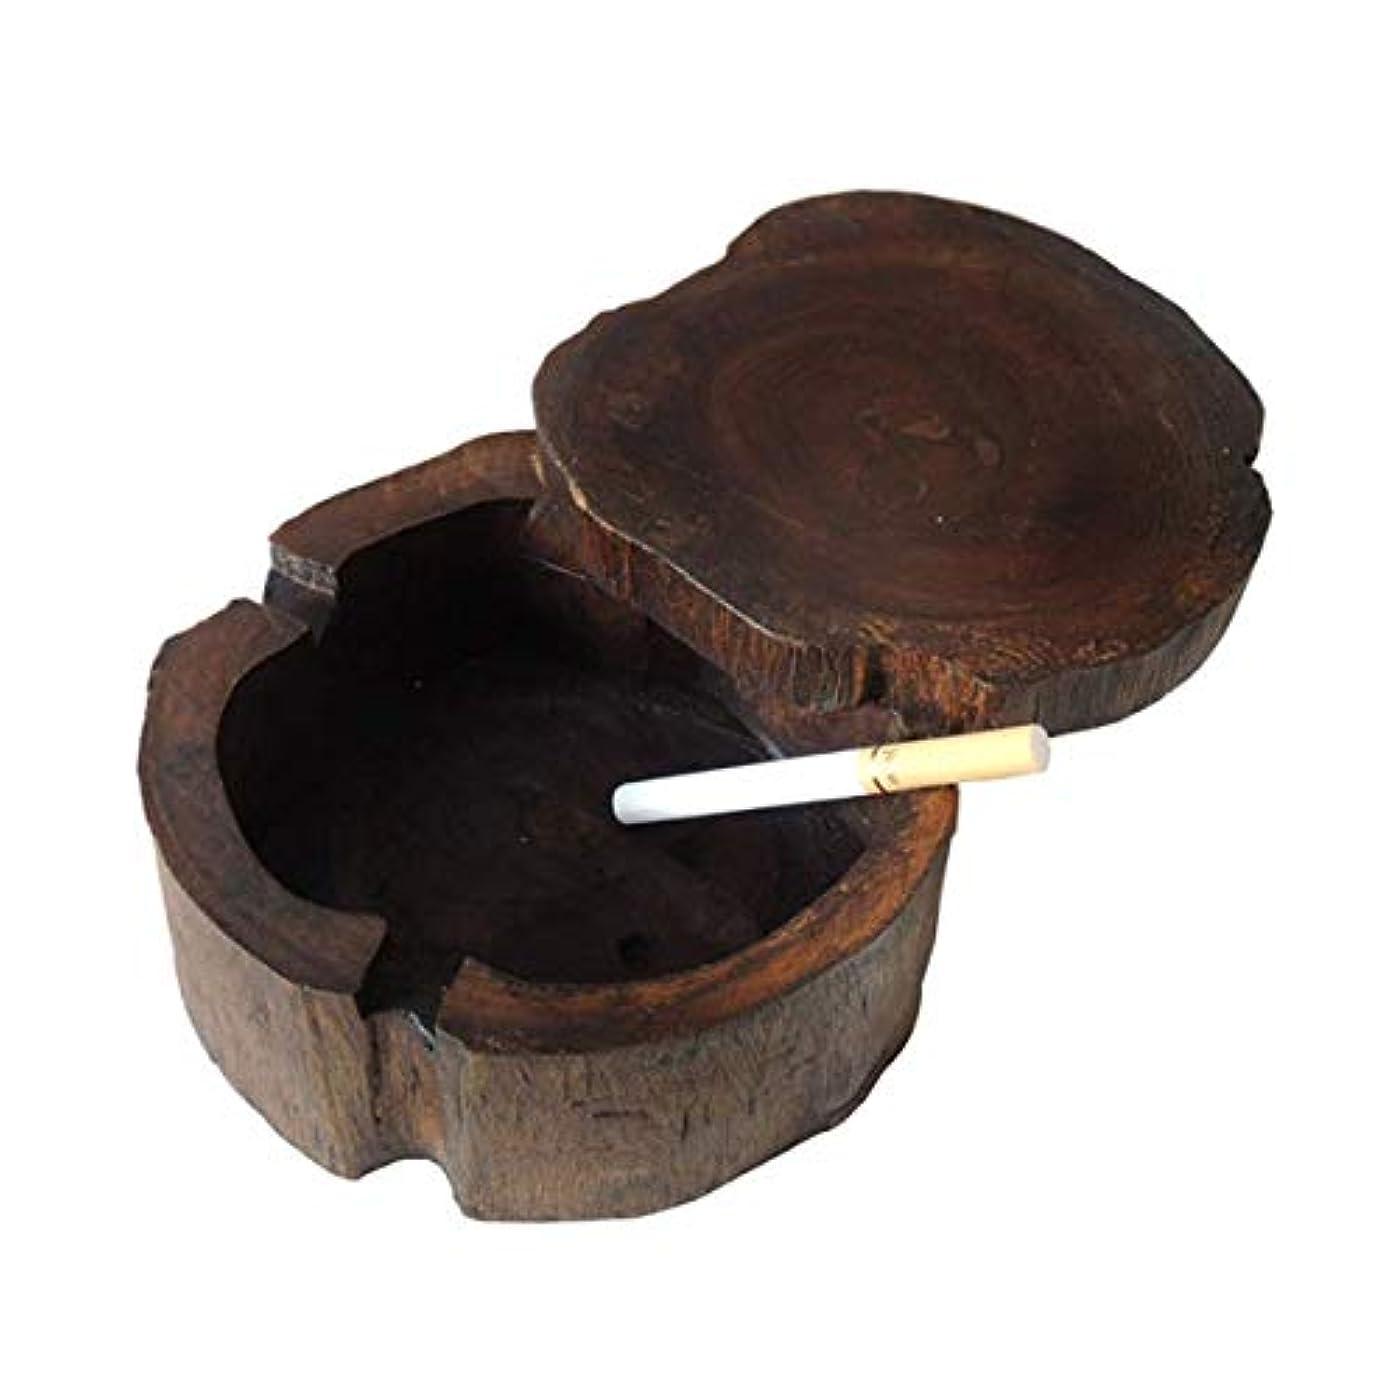 櫛ロマンチックパウダー木製タバコの灰皿、Winproofふたで手作りのヴィンテージオリジナルアンティークの木製タバコ灰皿、屋内ホームバー、小型のための灰皿